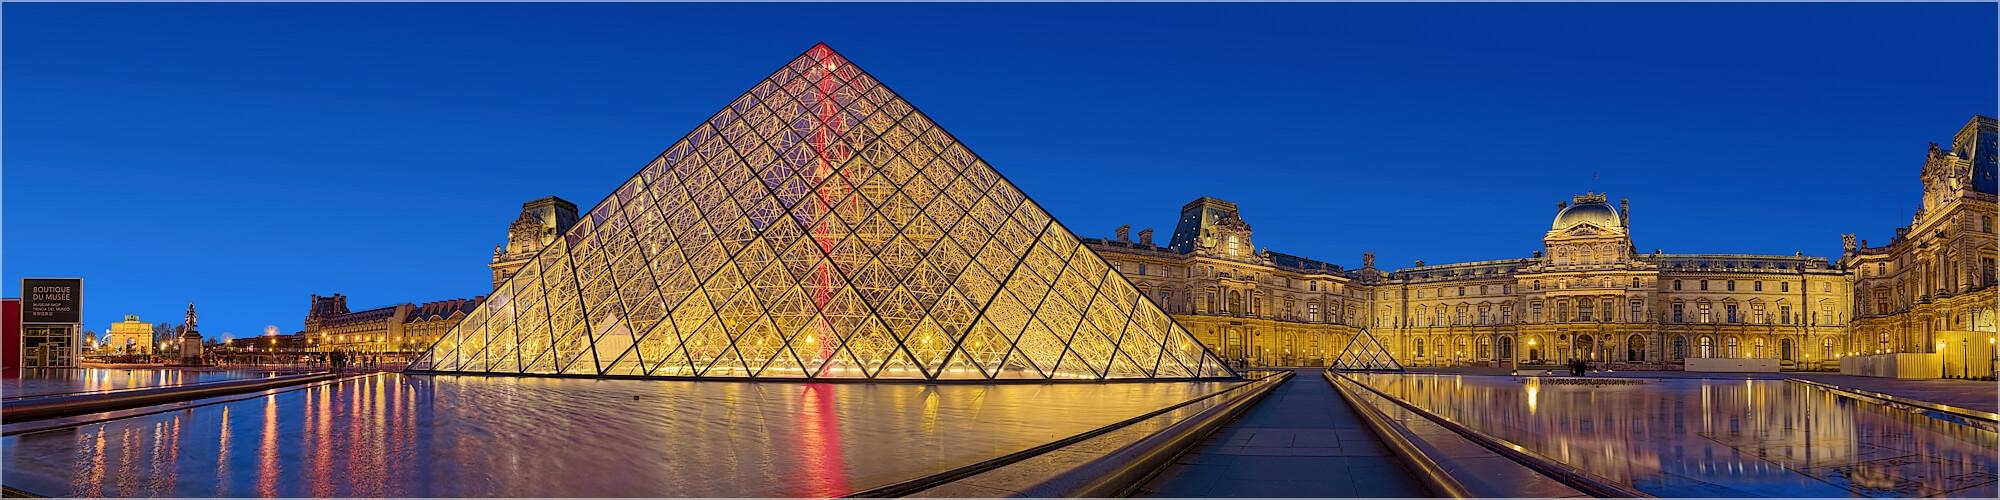 Panoramabild am Louvre Paris Frankreich